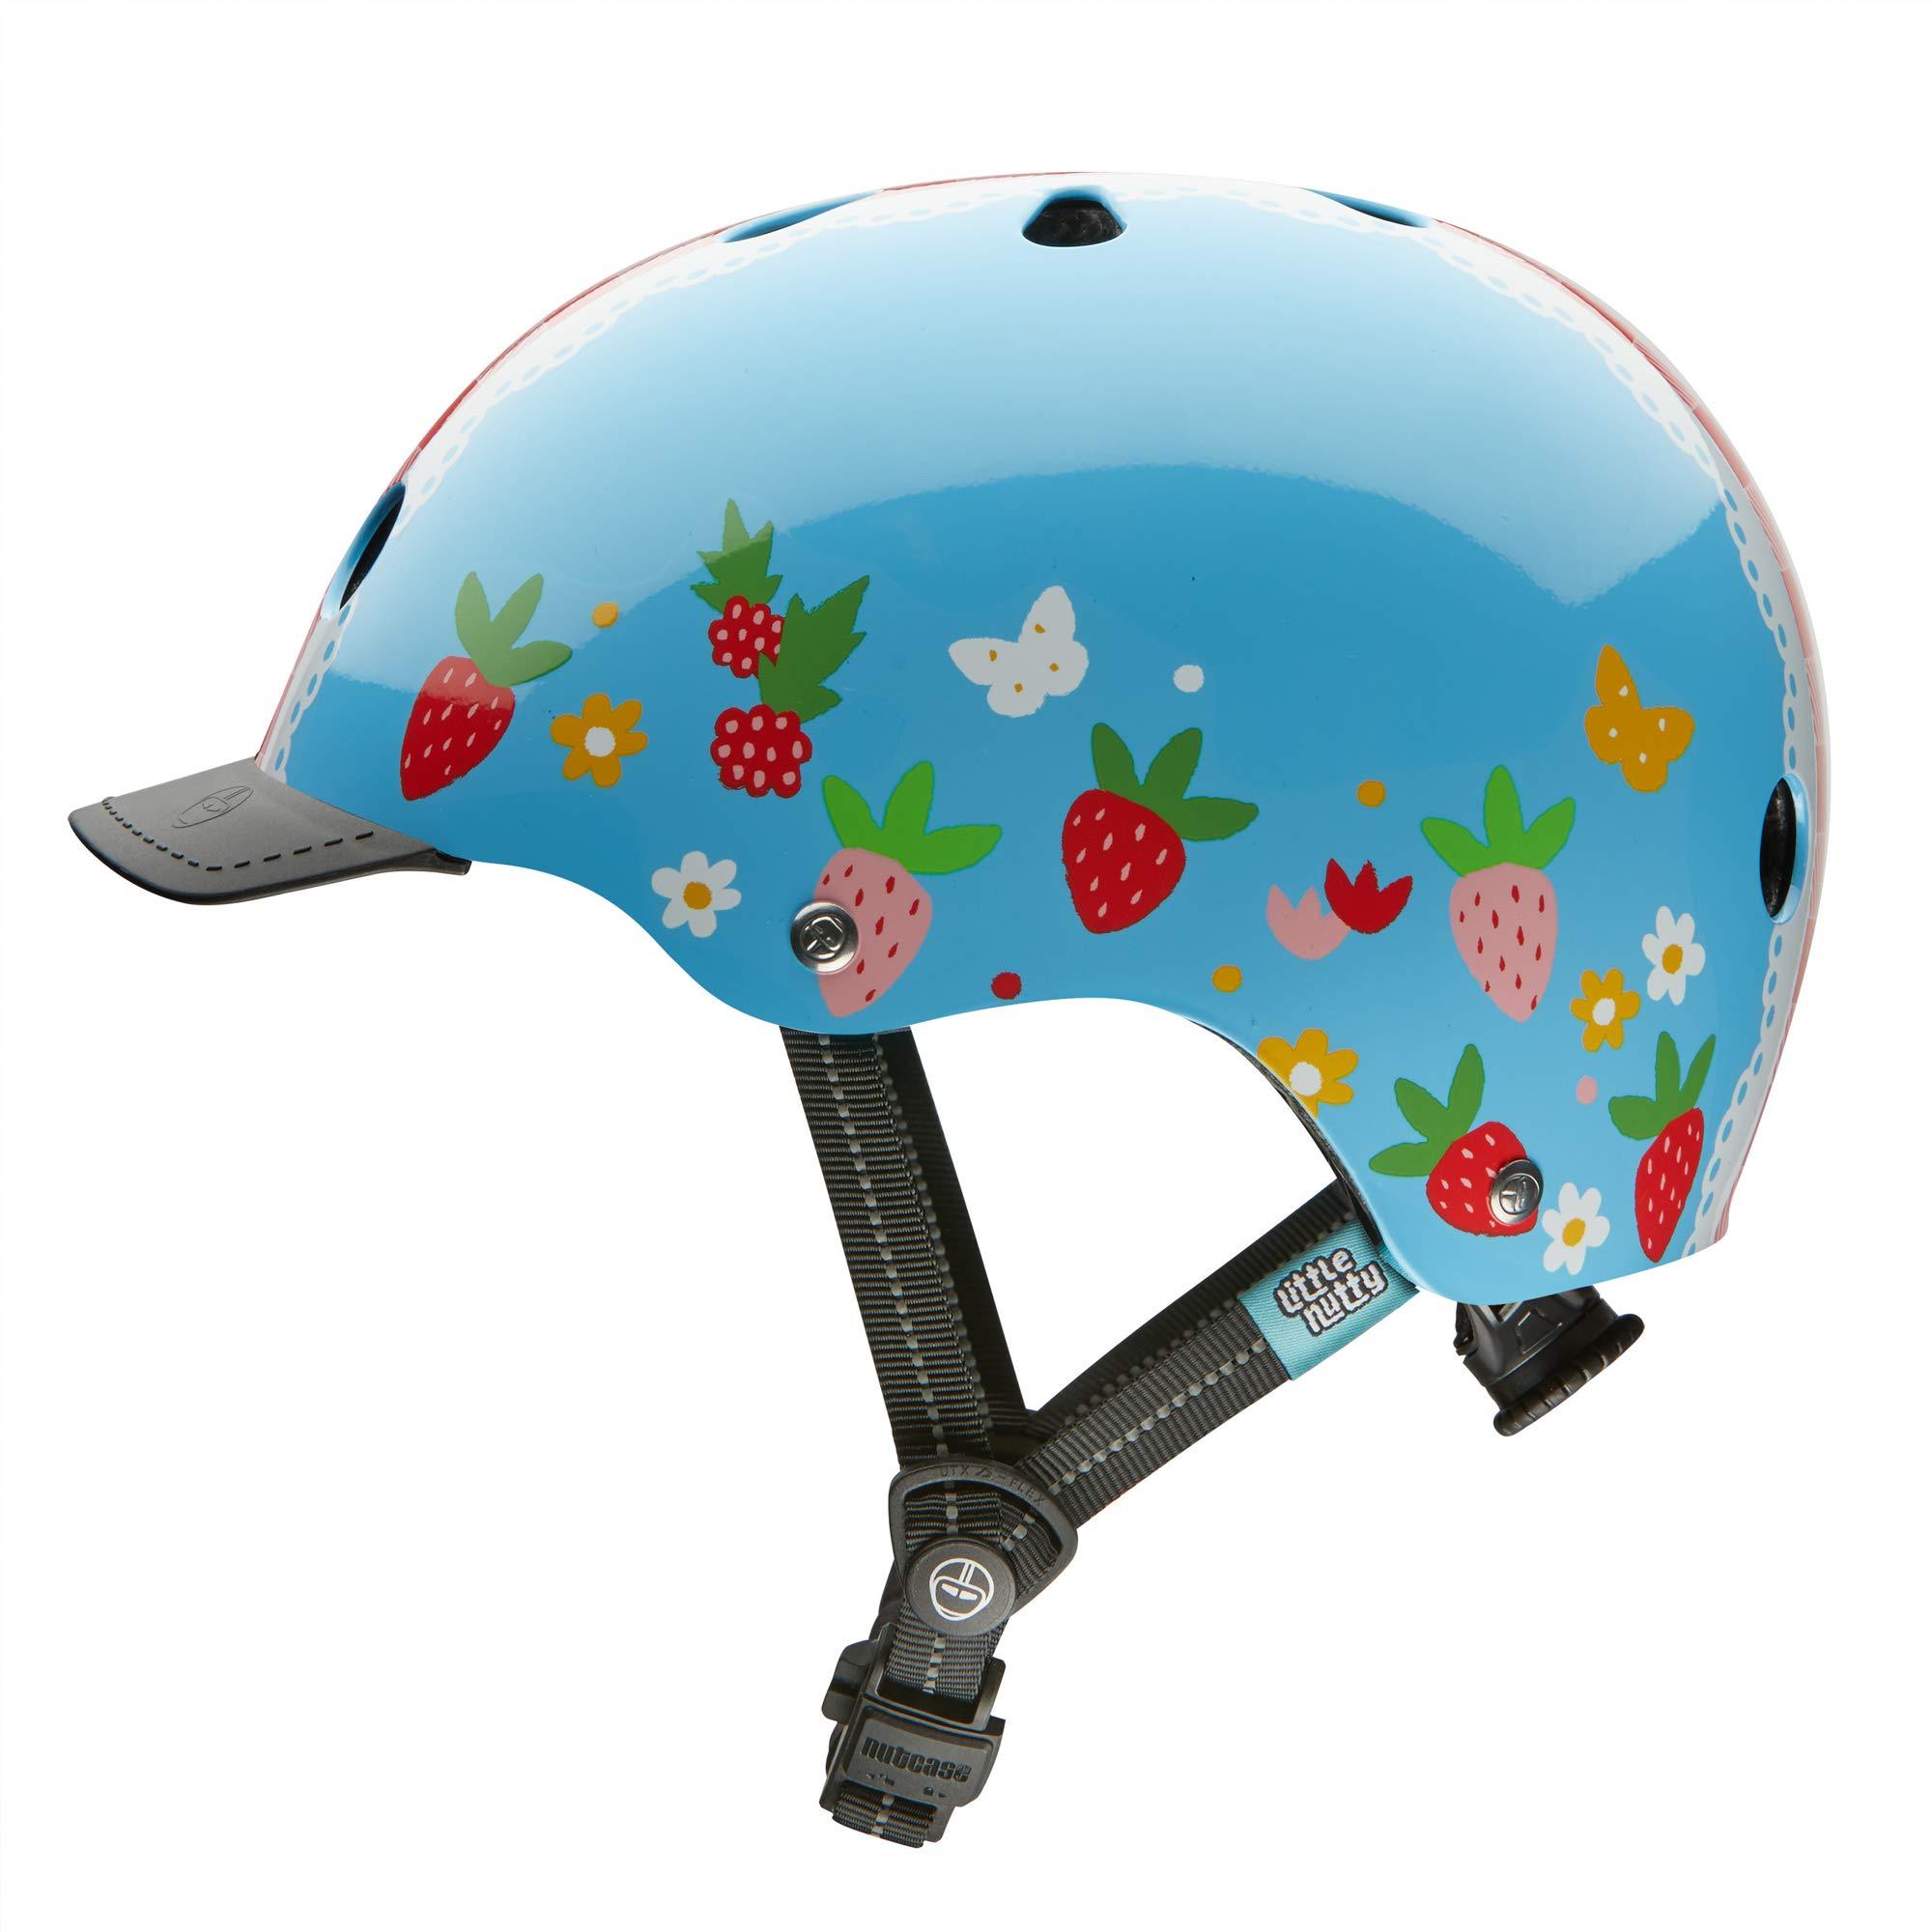 Nutcase - Little Nutty Bike Helmet for Kids, Berry Sweet, X-Small